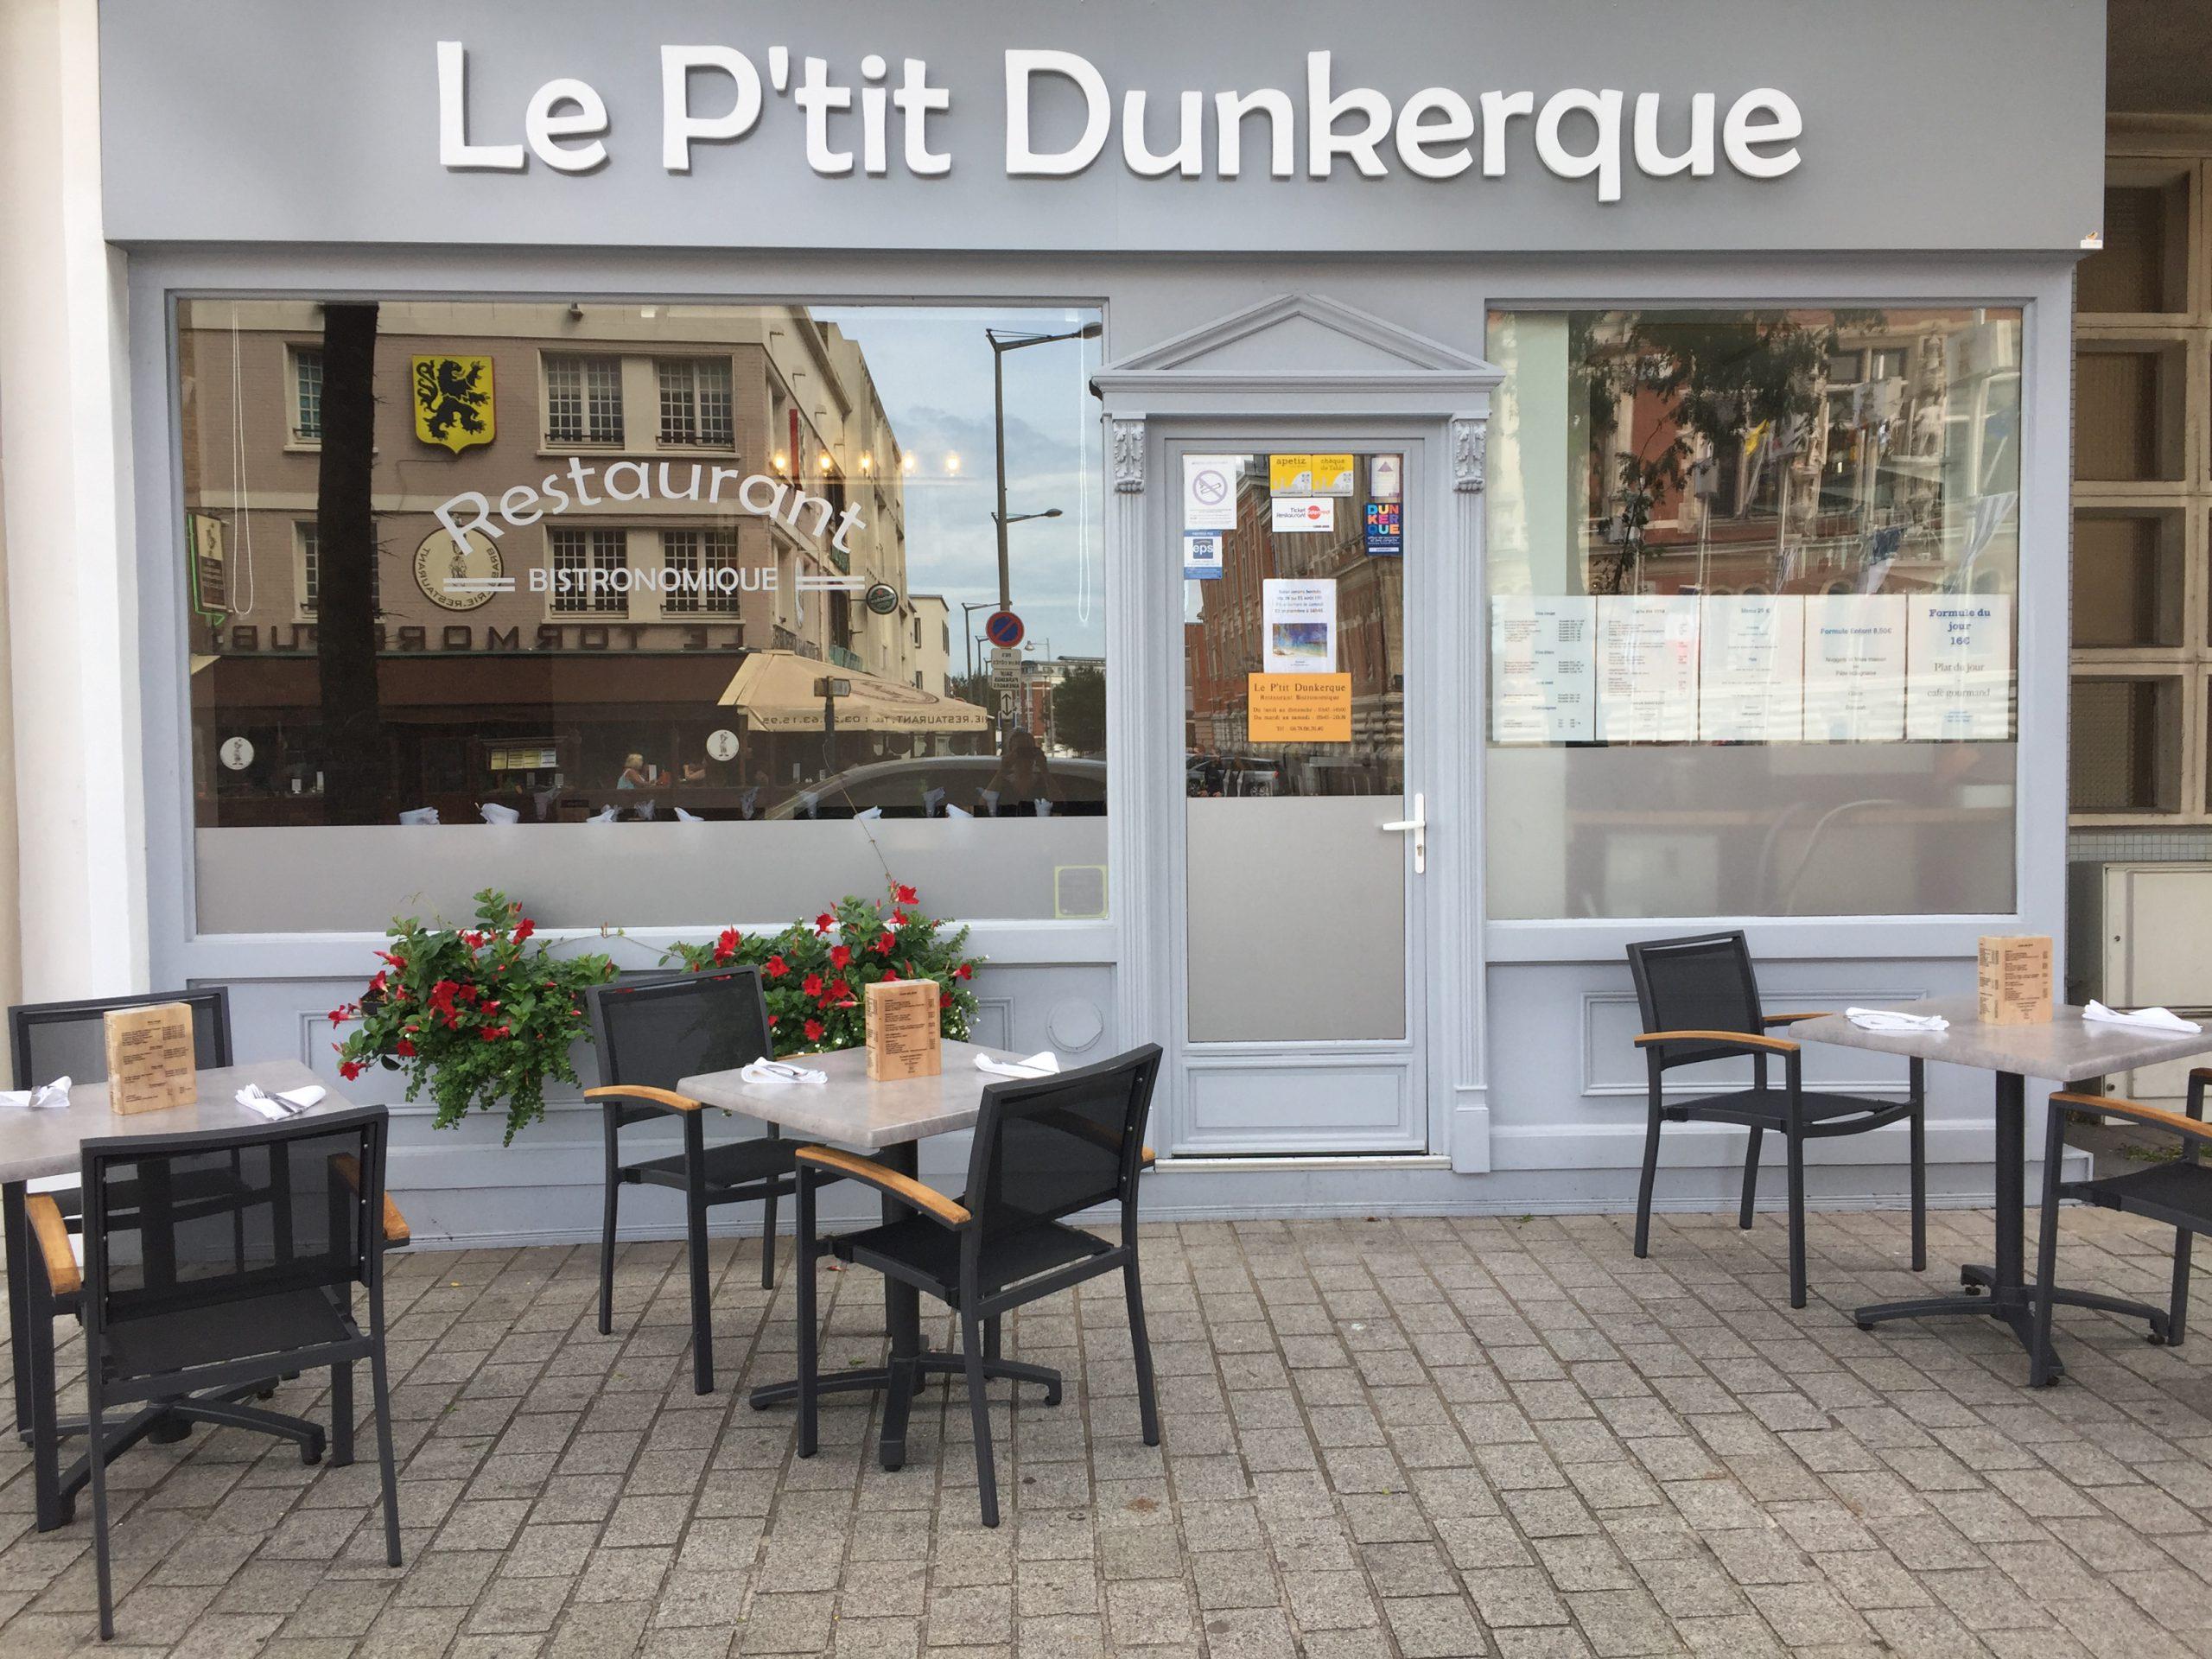 Le Ptit Dunkerque - accueil - a propos - facade et terrasse